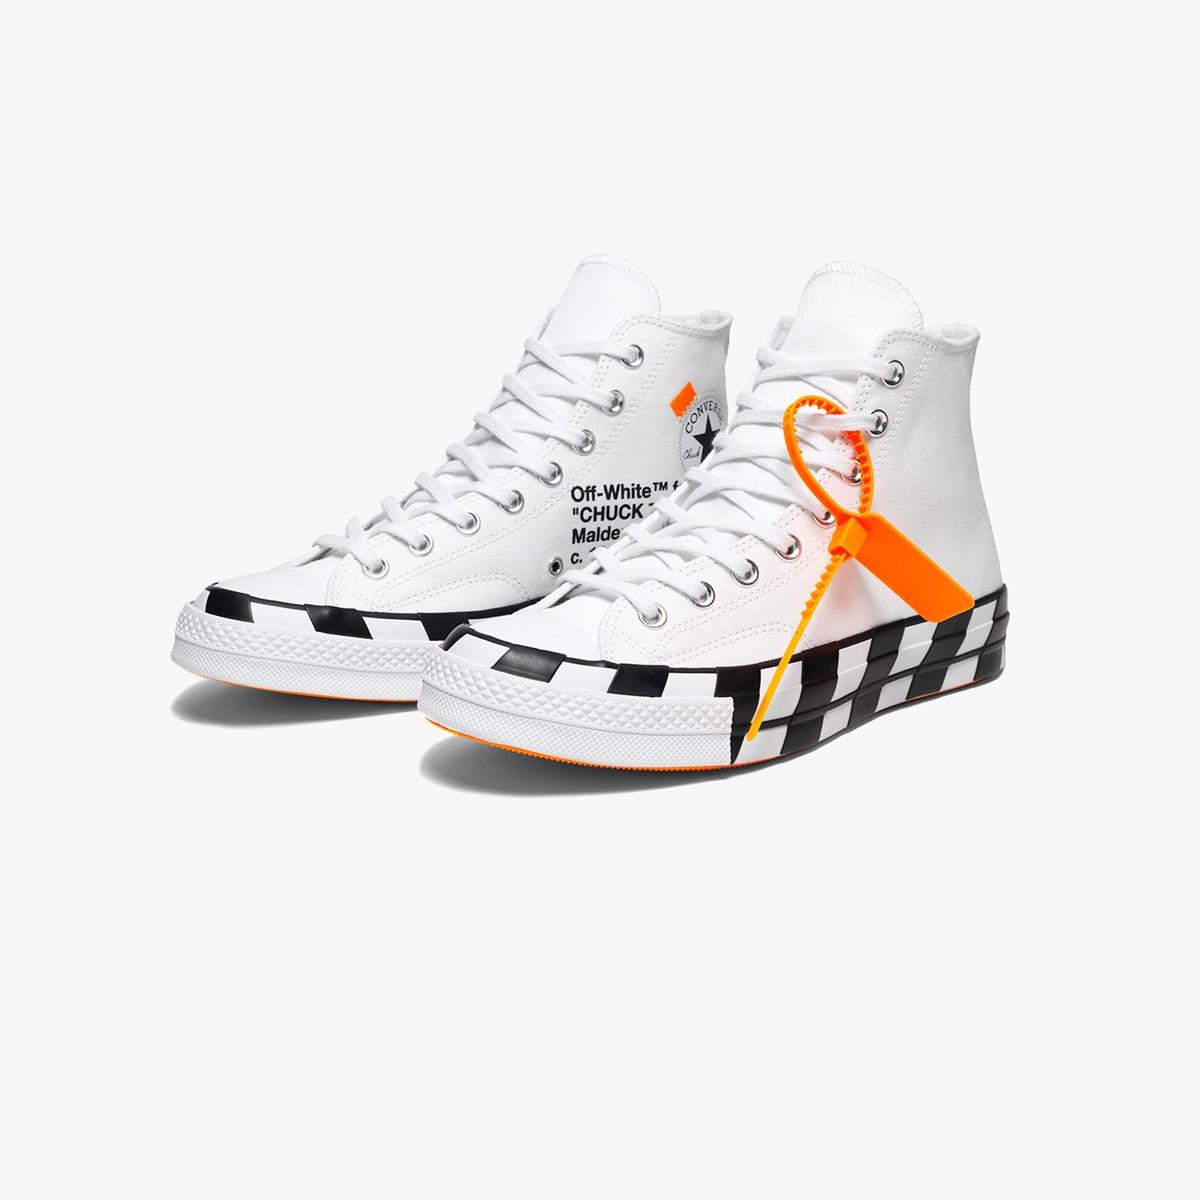 Converse Chuck Taylor 70 x Off White - 163862c - Sneakersnstuff | sneakers  & streetwear en ligne depuis 1999